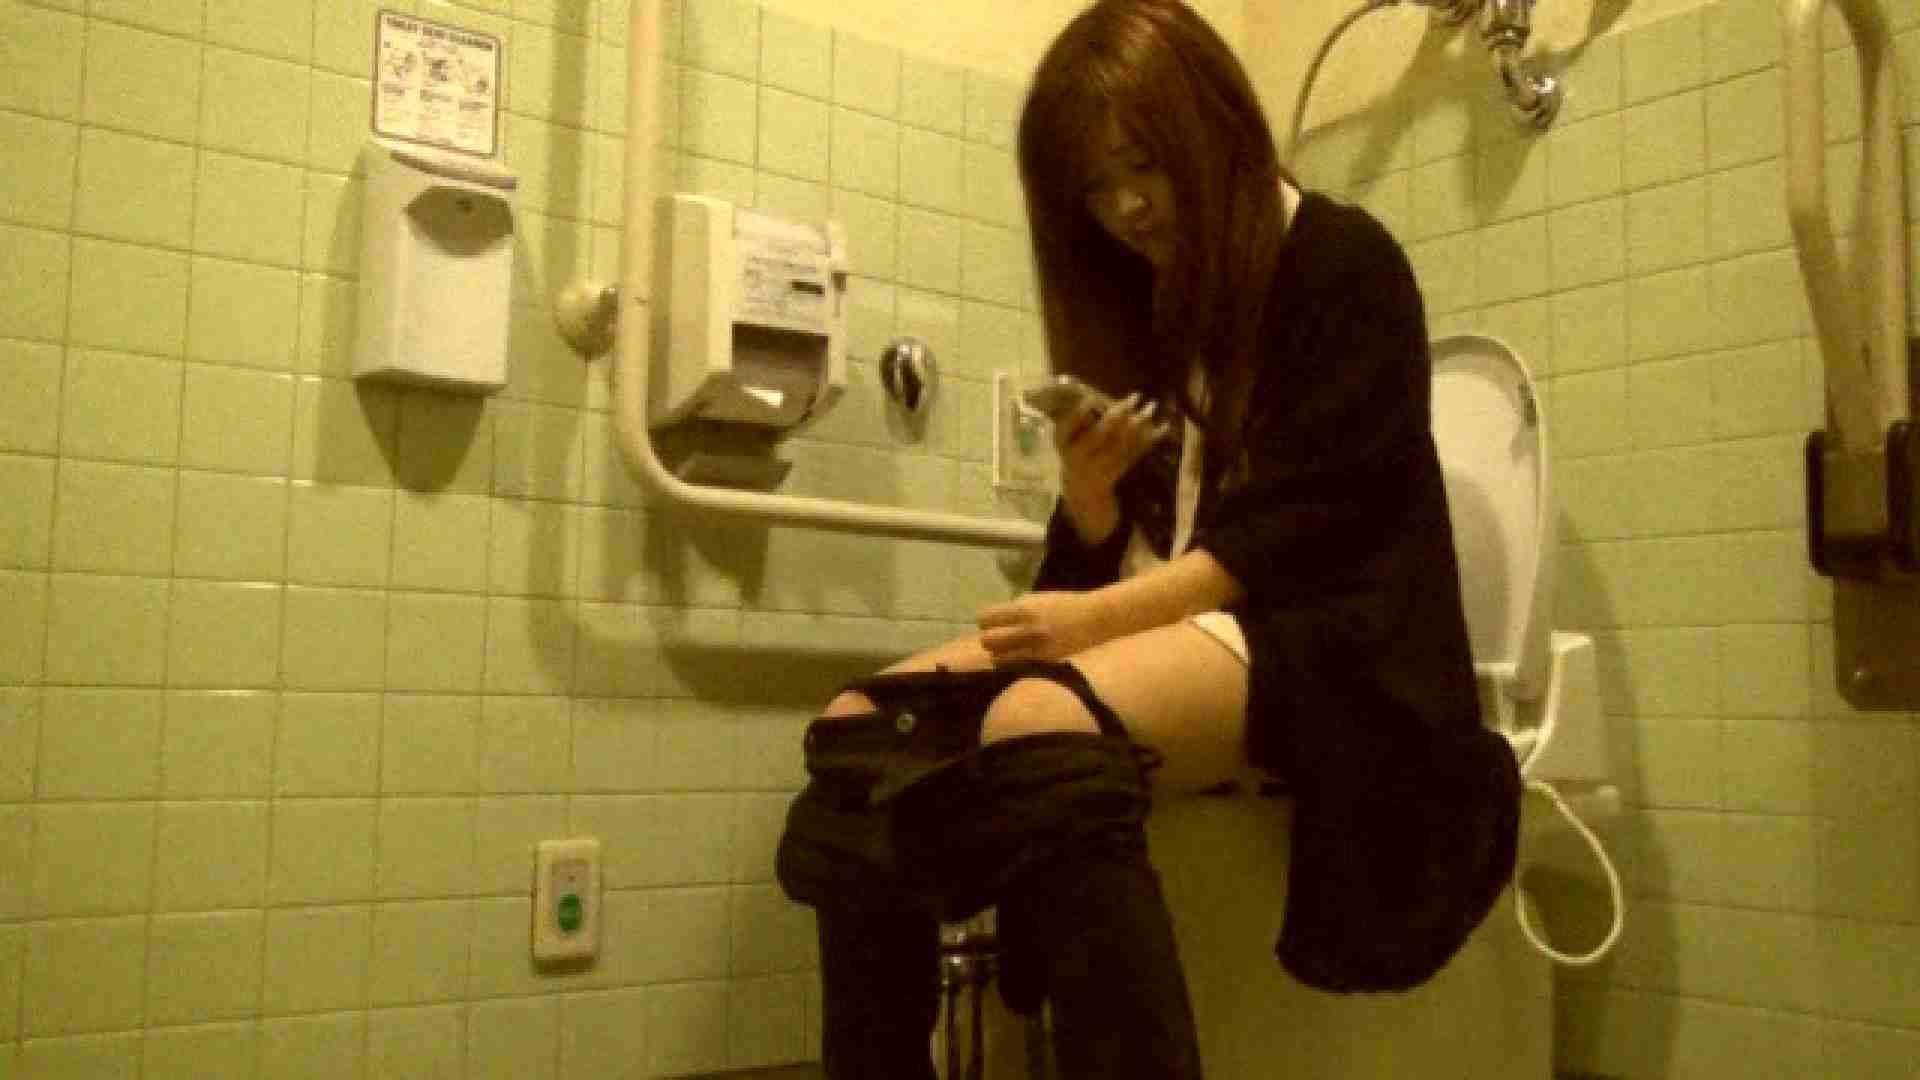 魔術師の お・も・て・な・し vol.26 19歳のバーの店員さんの洗面所をしばし… OLの実態  90pic 54